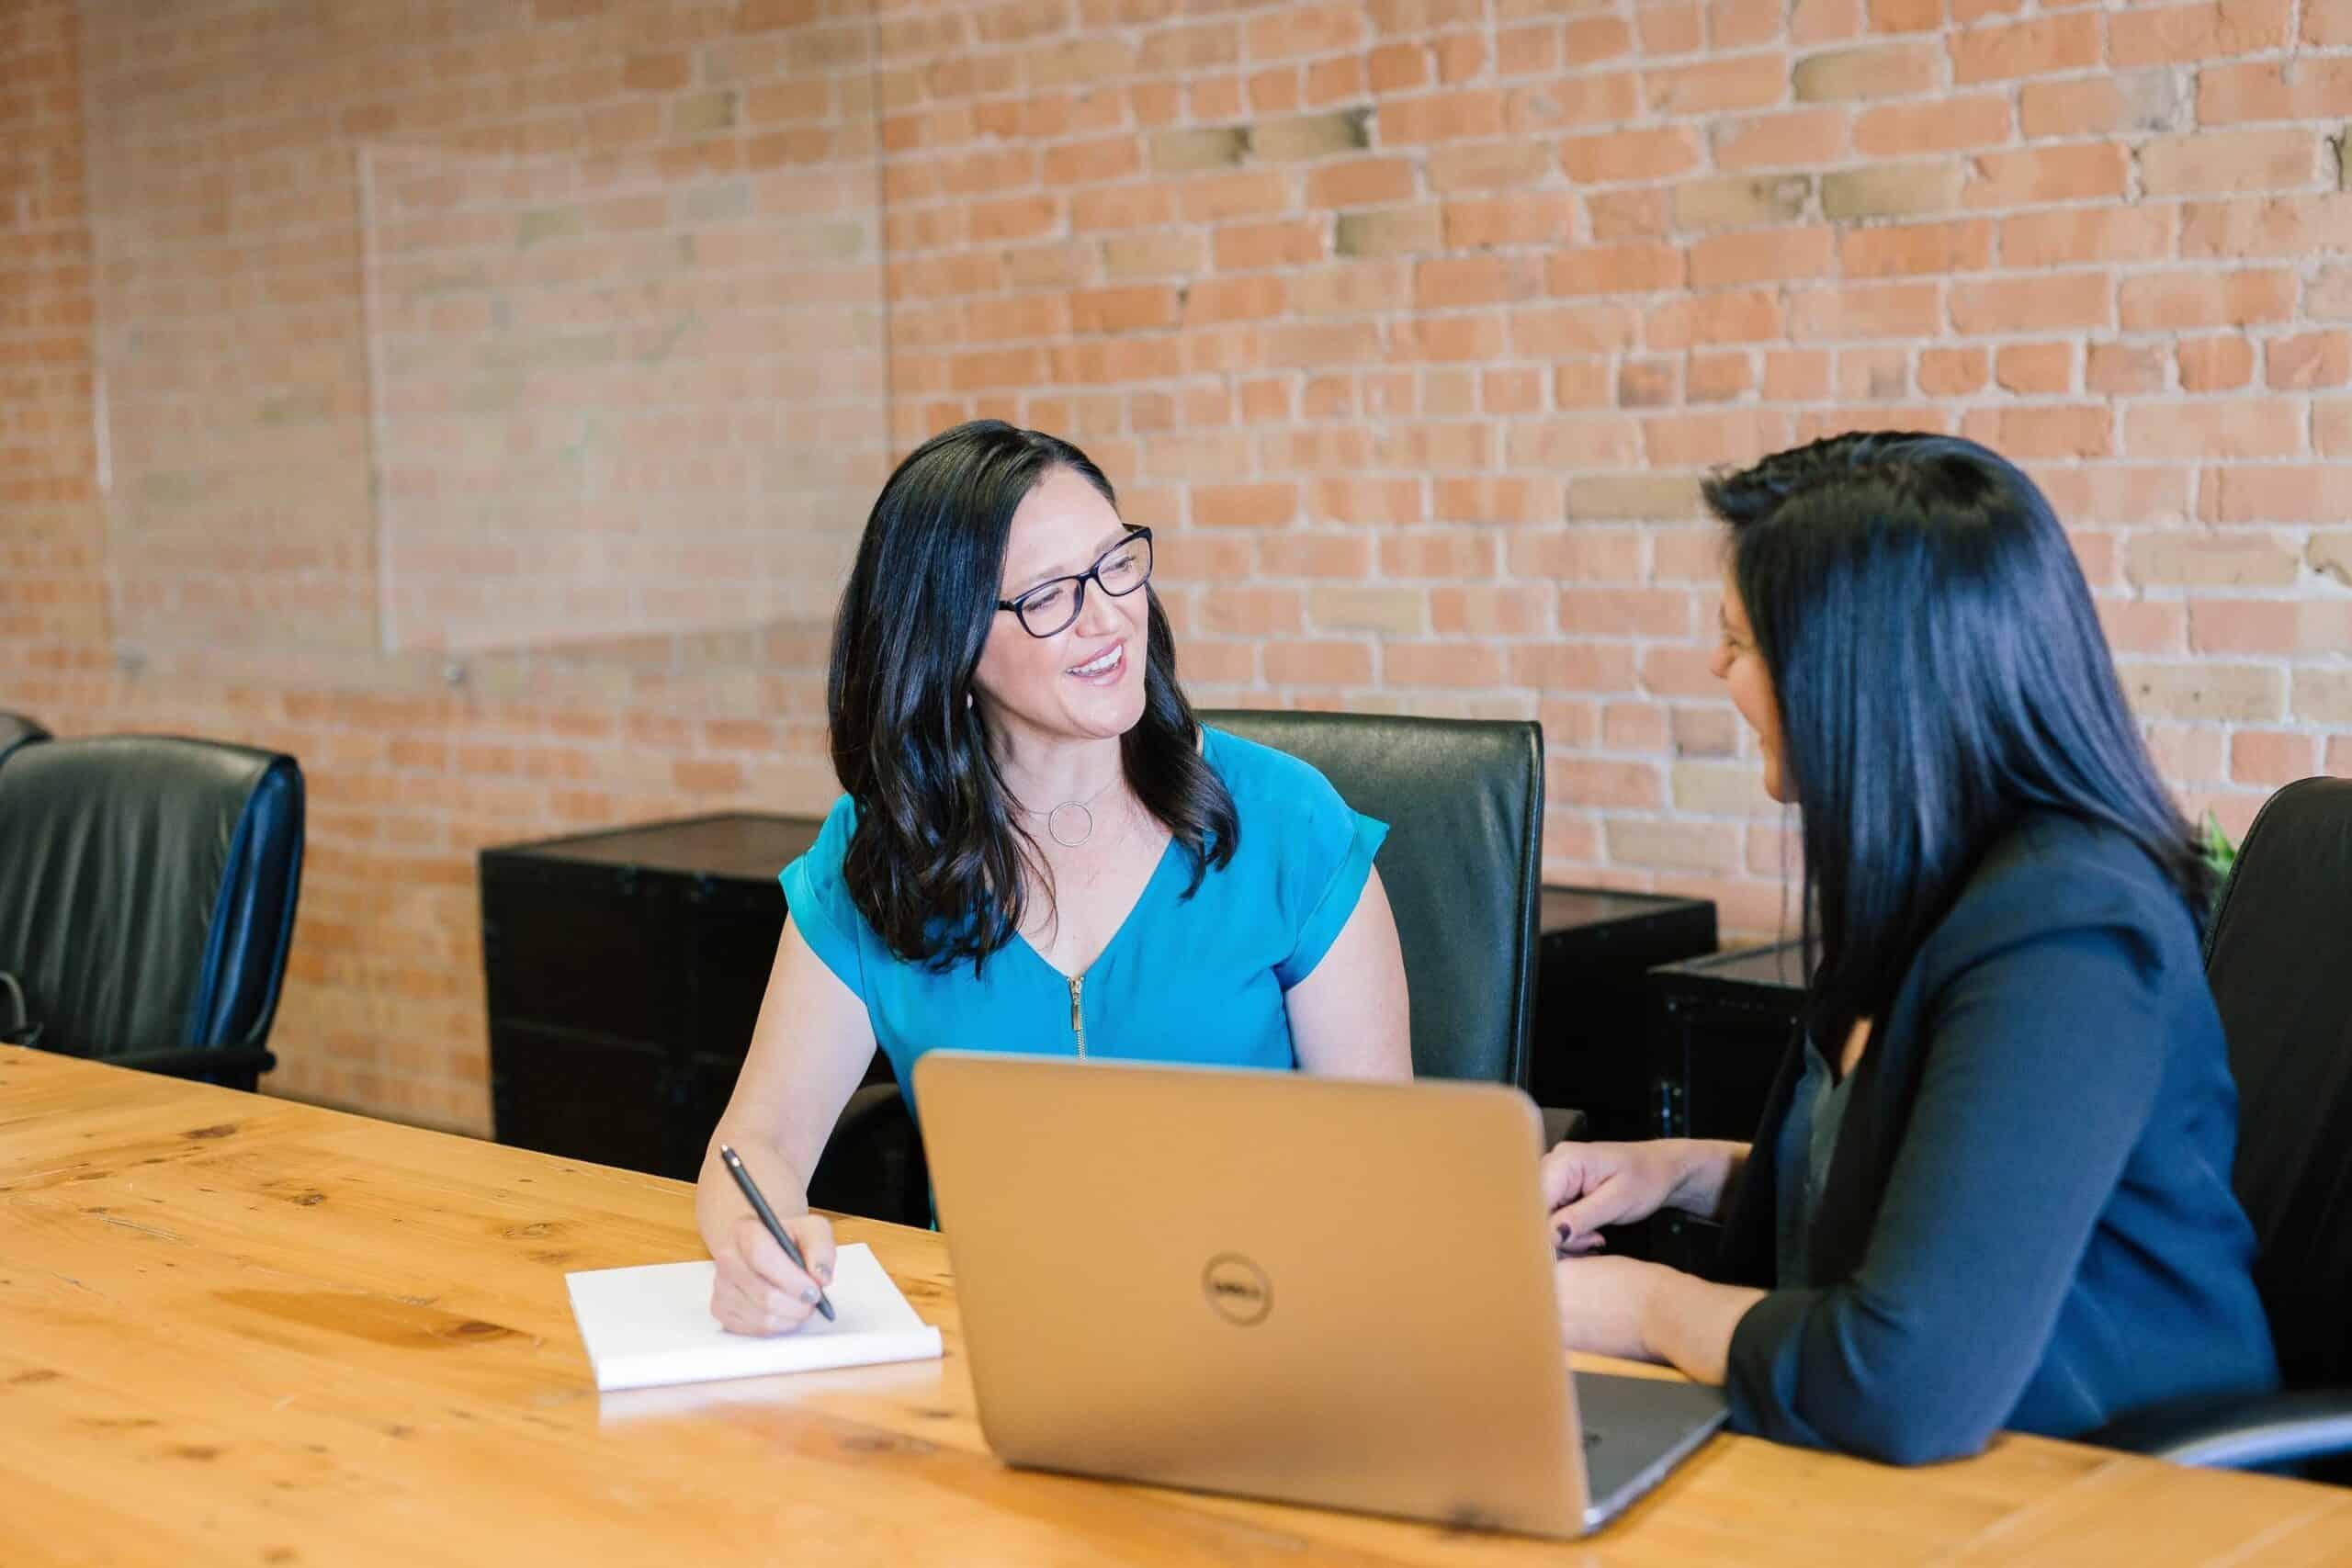 amy hirschi JaoVGh5aJ3E unsplash 1 scaled - Tips voor een gezonde werkomgeving op kantoor!